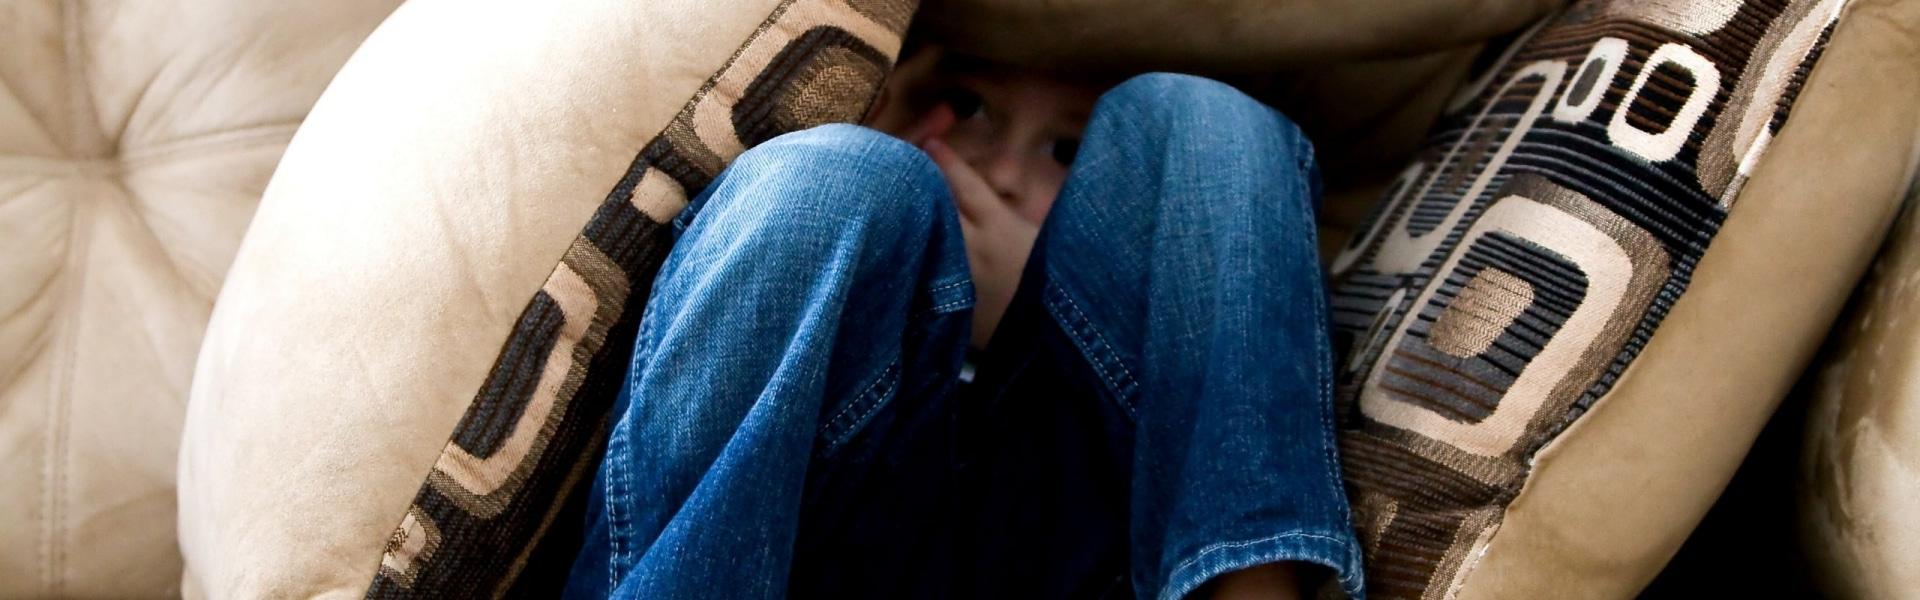 Mistrivsel hos børn